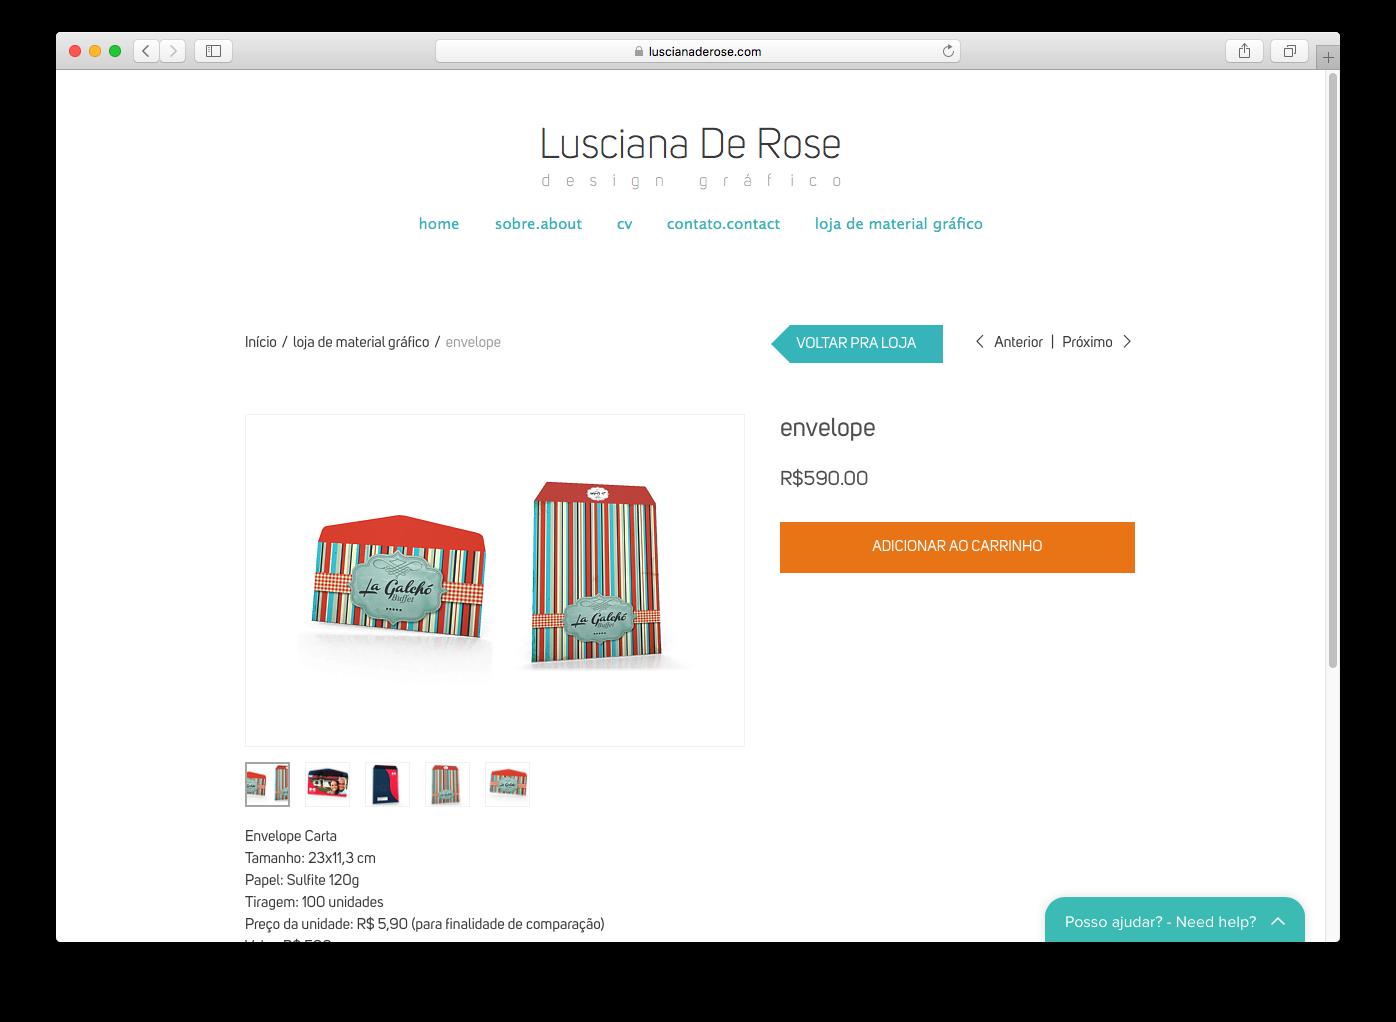 página de uma loja online